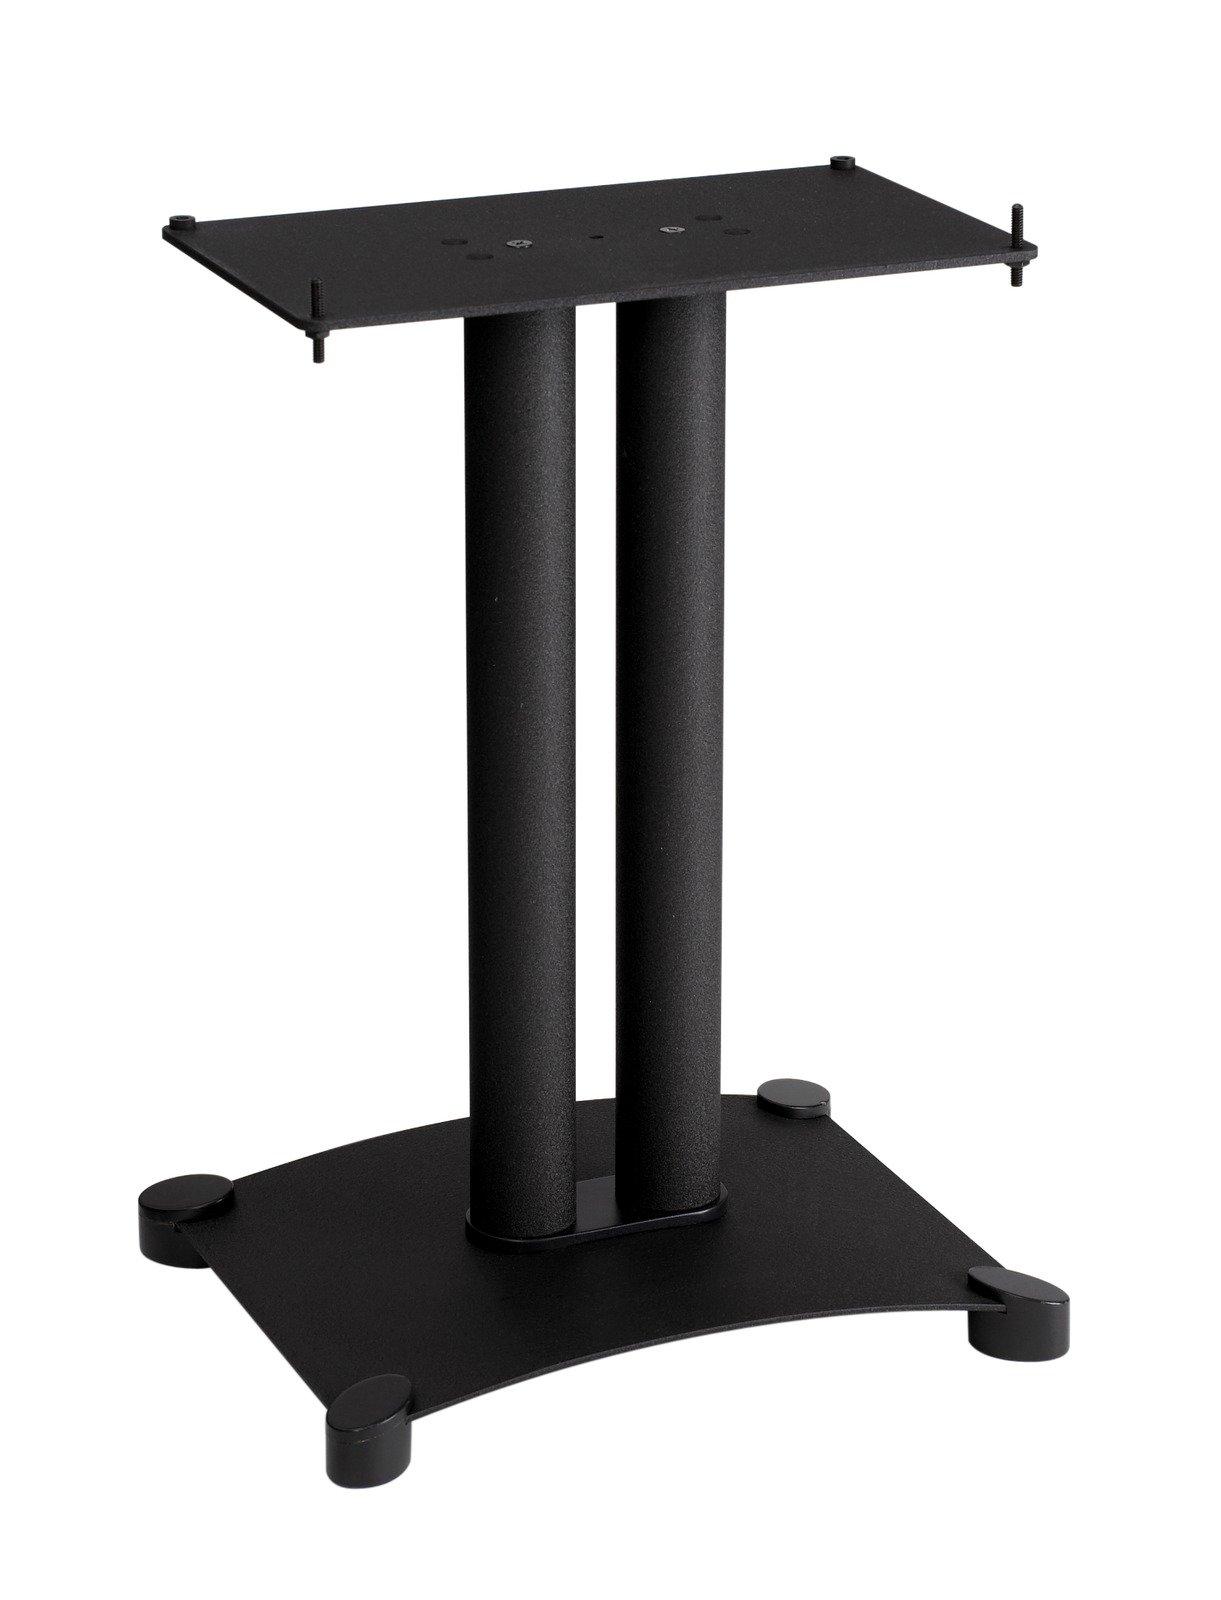 Sanus Steel Series 22'' Speaker Stand for Center Channel Speakers - SFC22-B1